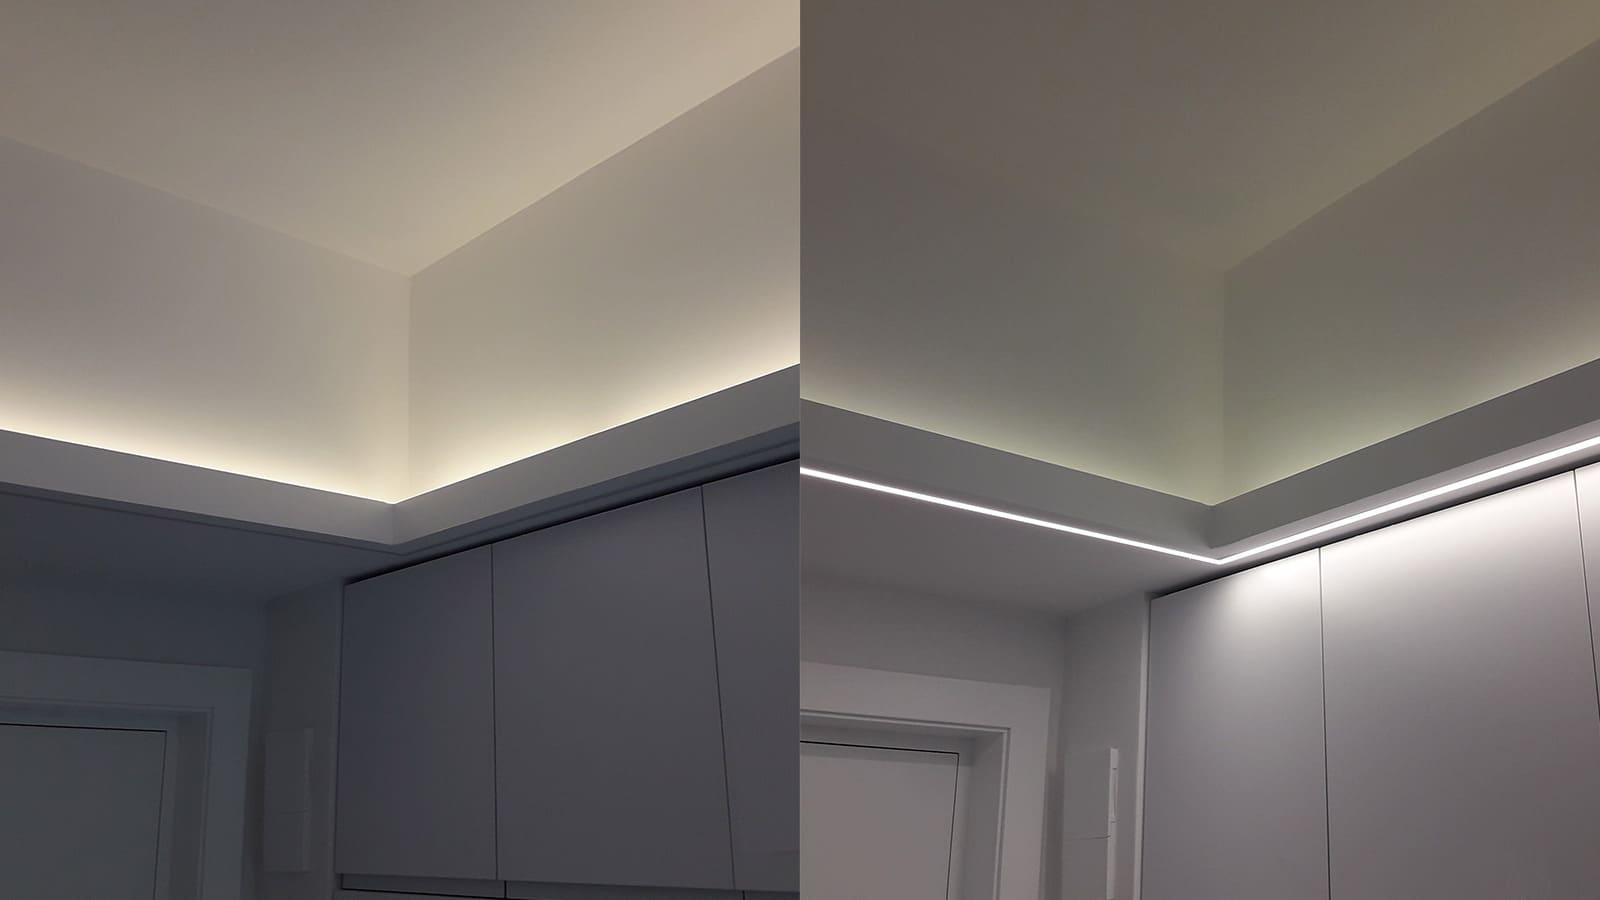 Cornisa de cocina con iluminación por parte inferior y superior